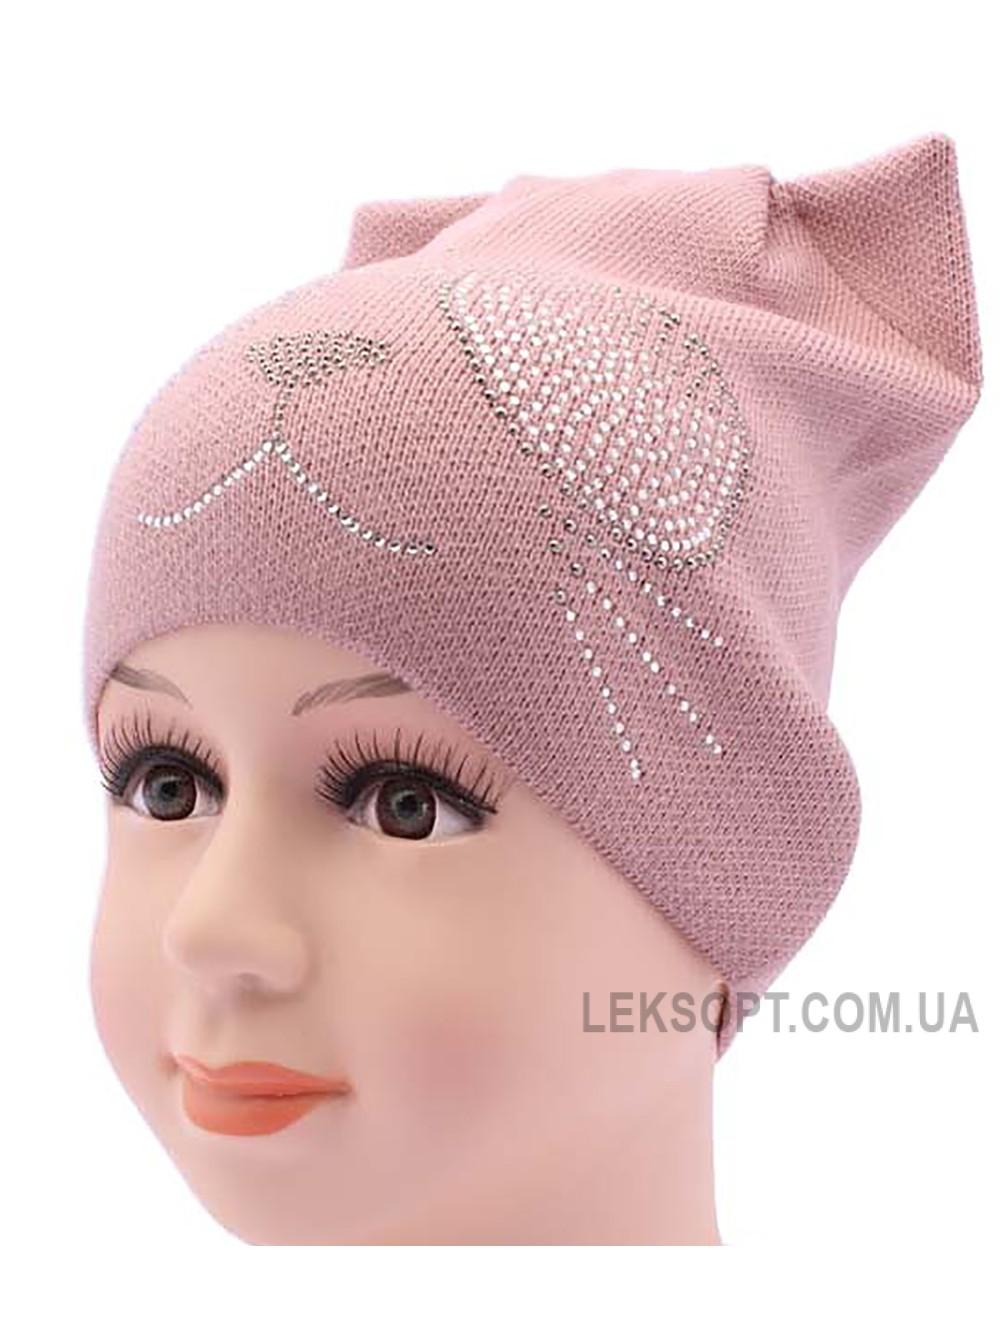 Детская вязаная шапка DV2119-48-52